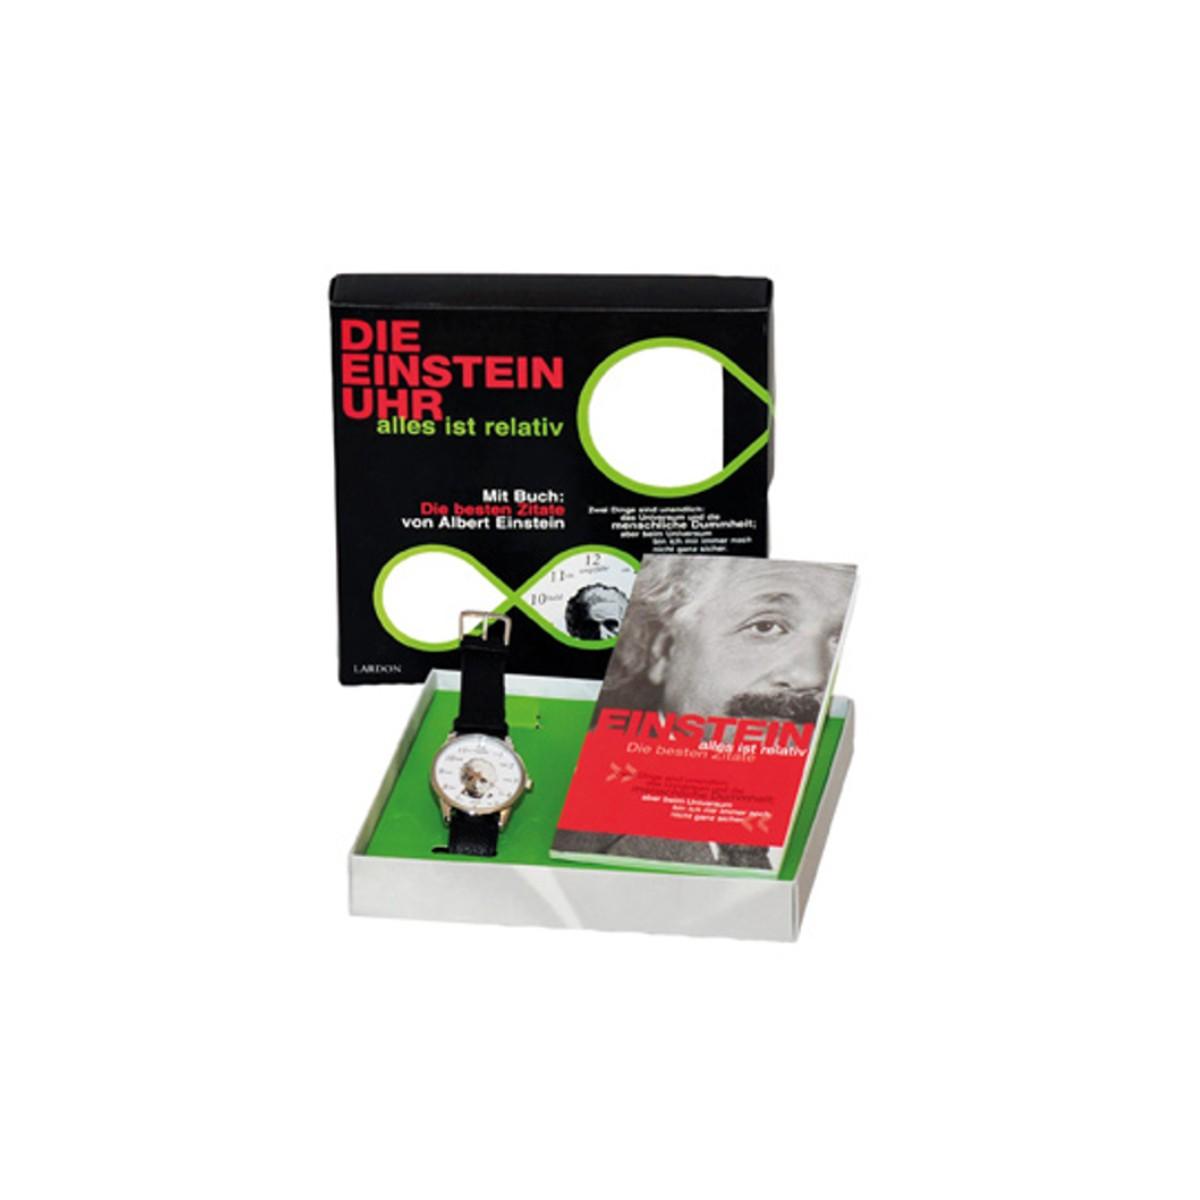 Geschenkset: Die Einsteinuhr